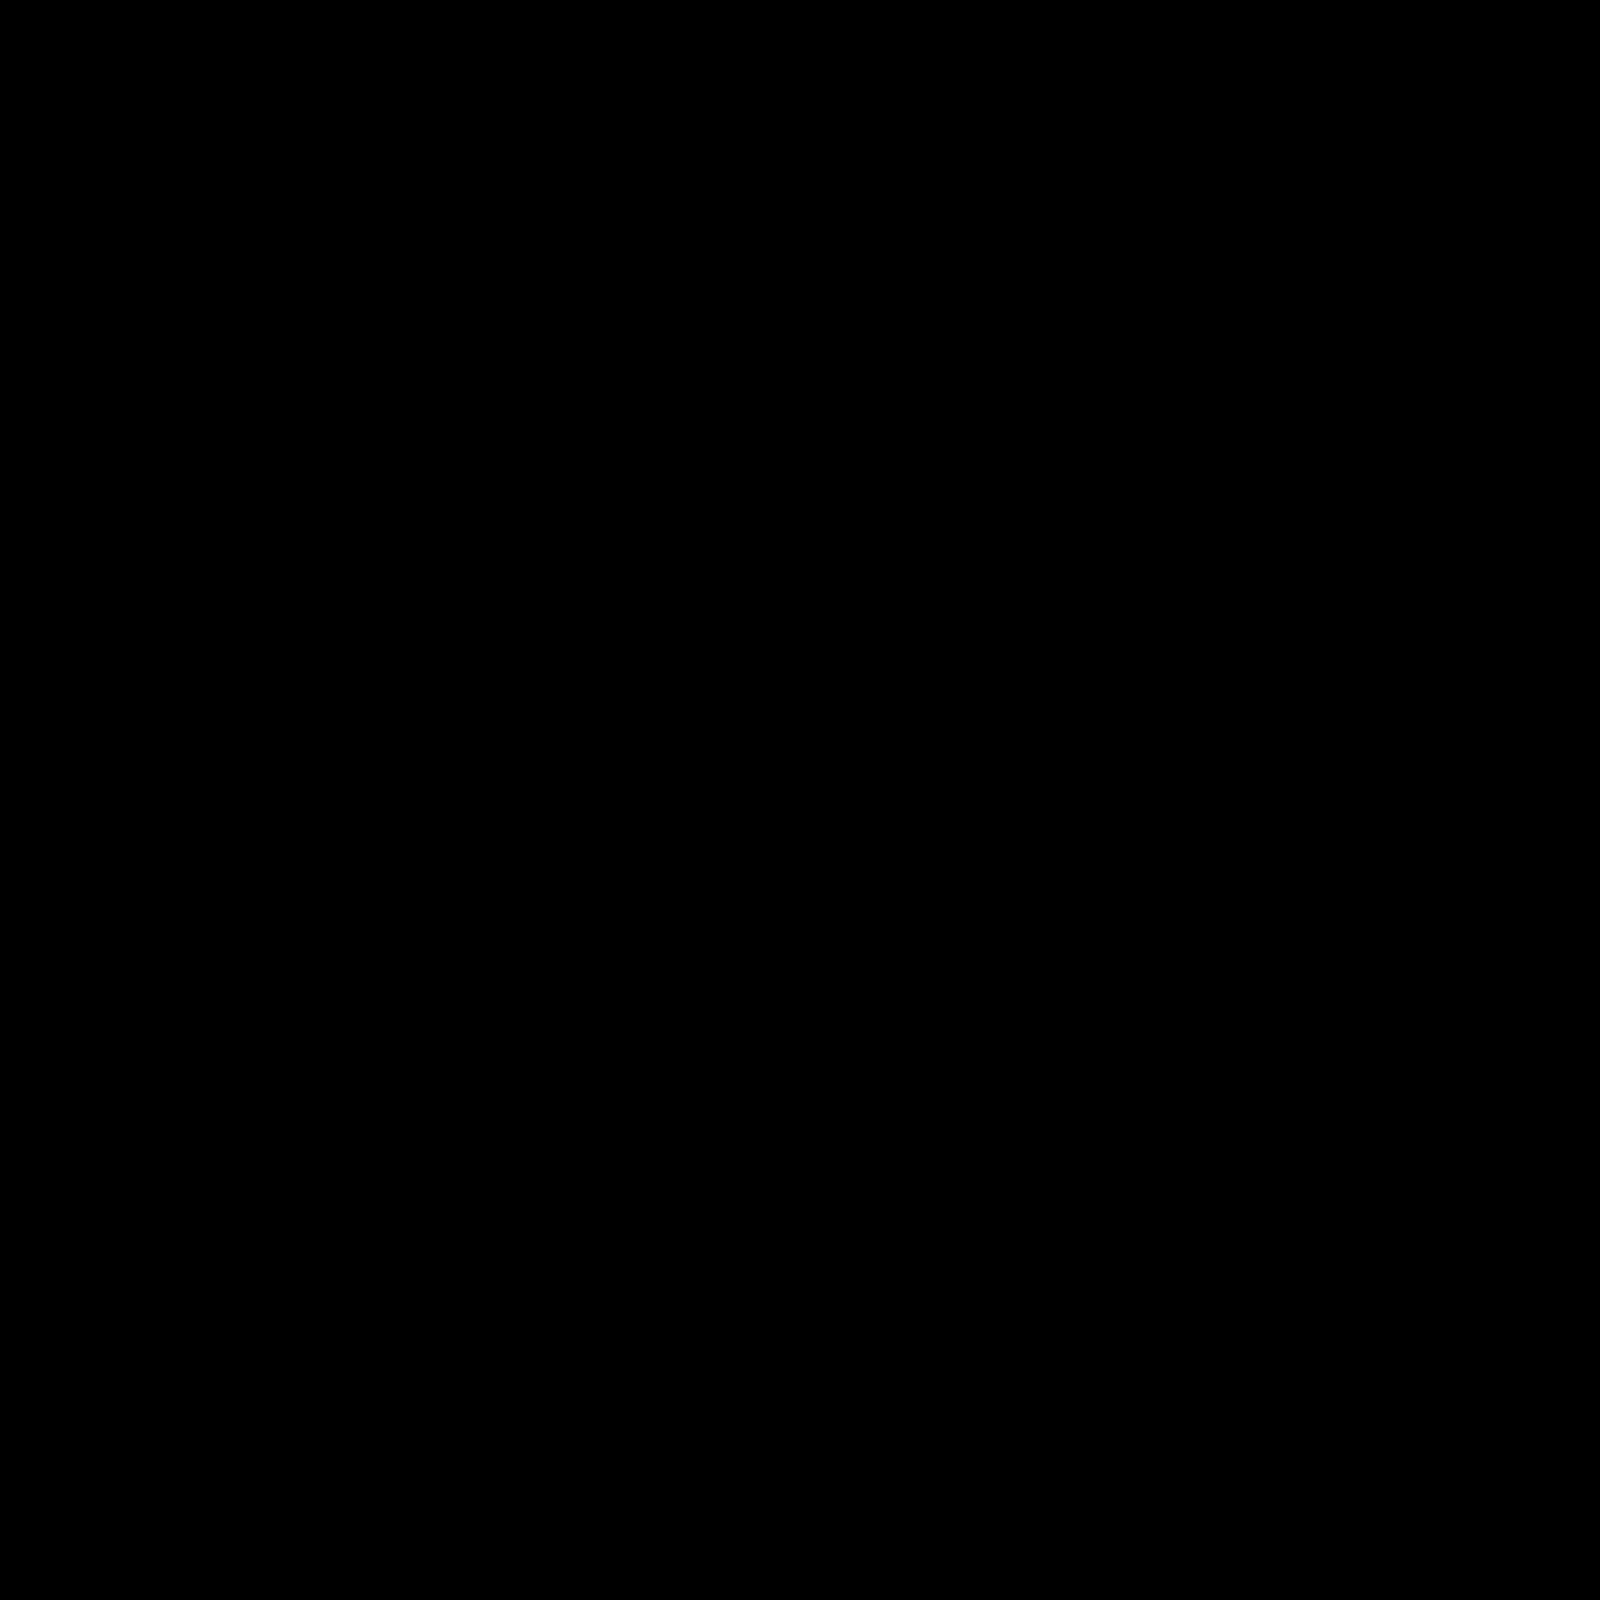 押す icon